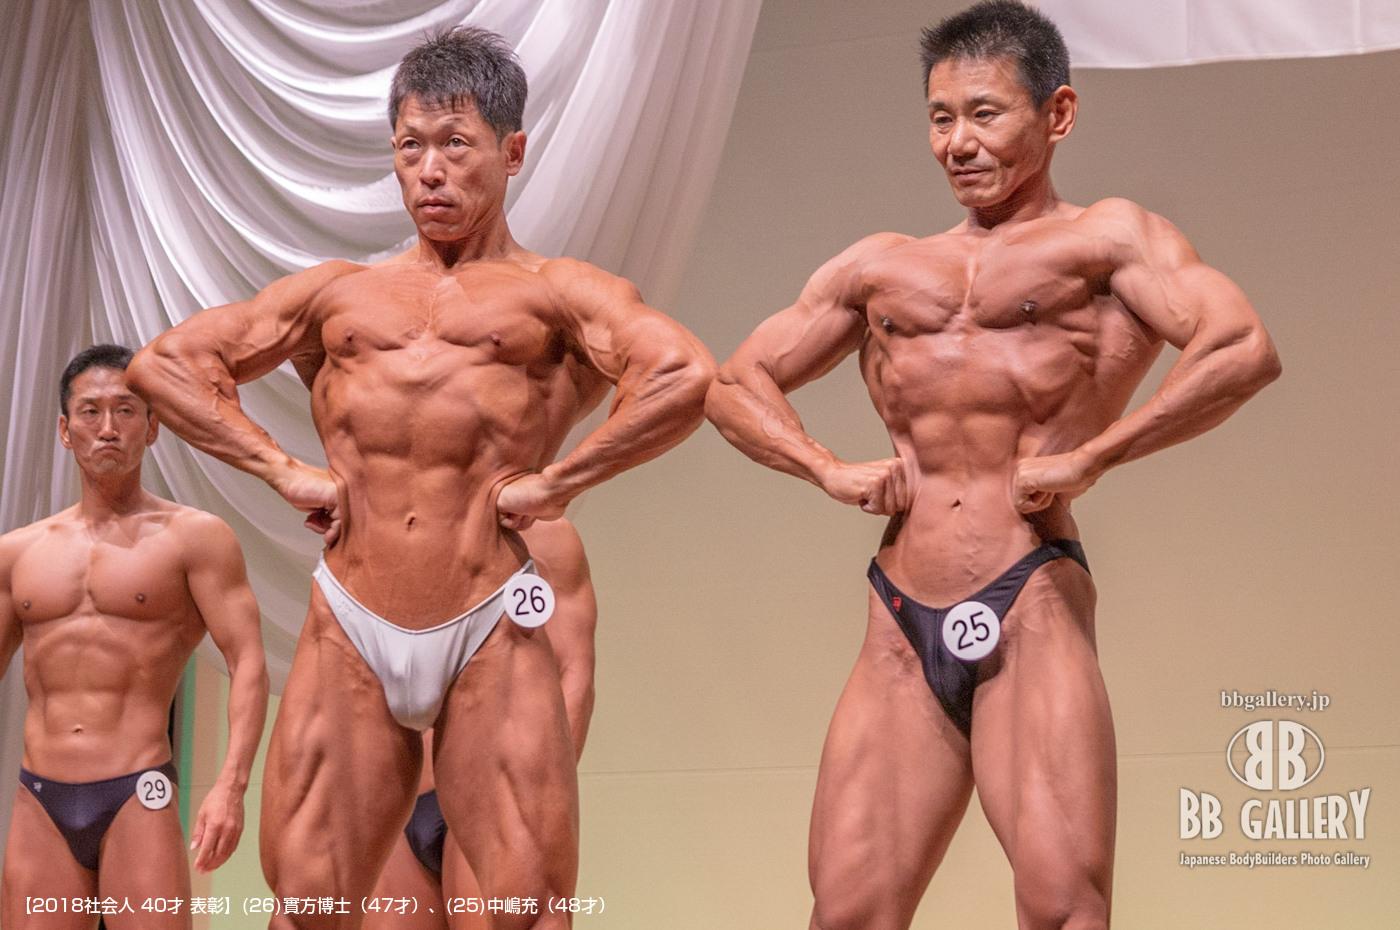 【2018社会人 40才 表彰】(26)實方博士(47才)、(25)中嶋充(48才)